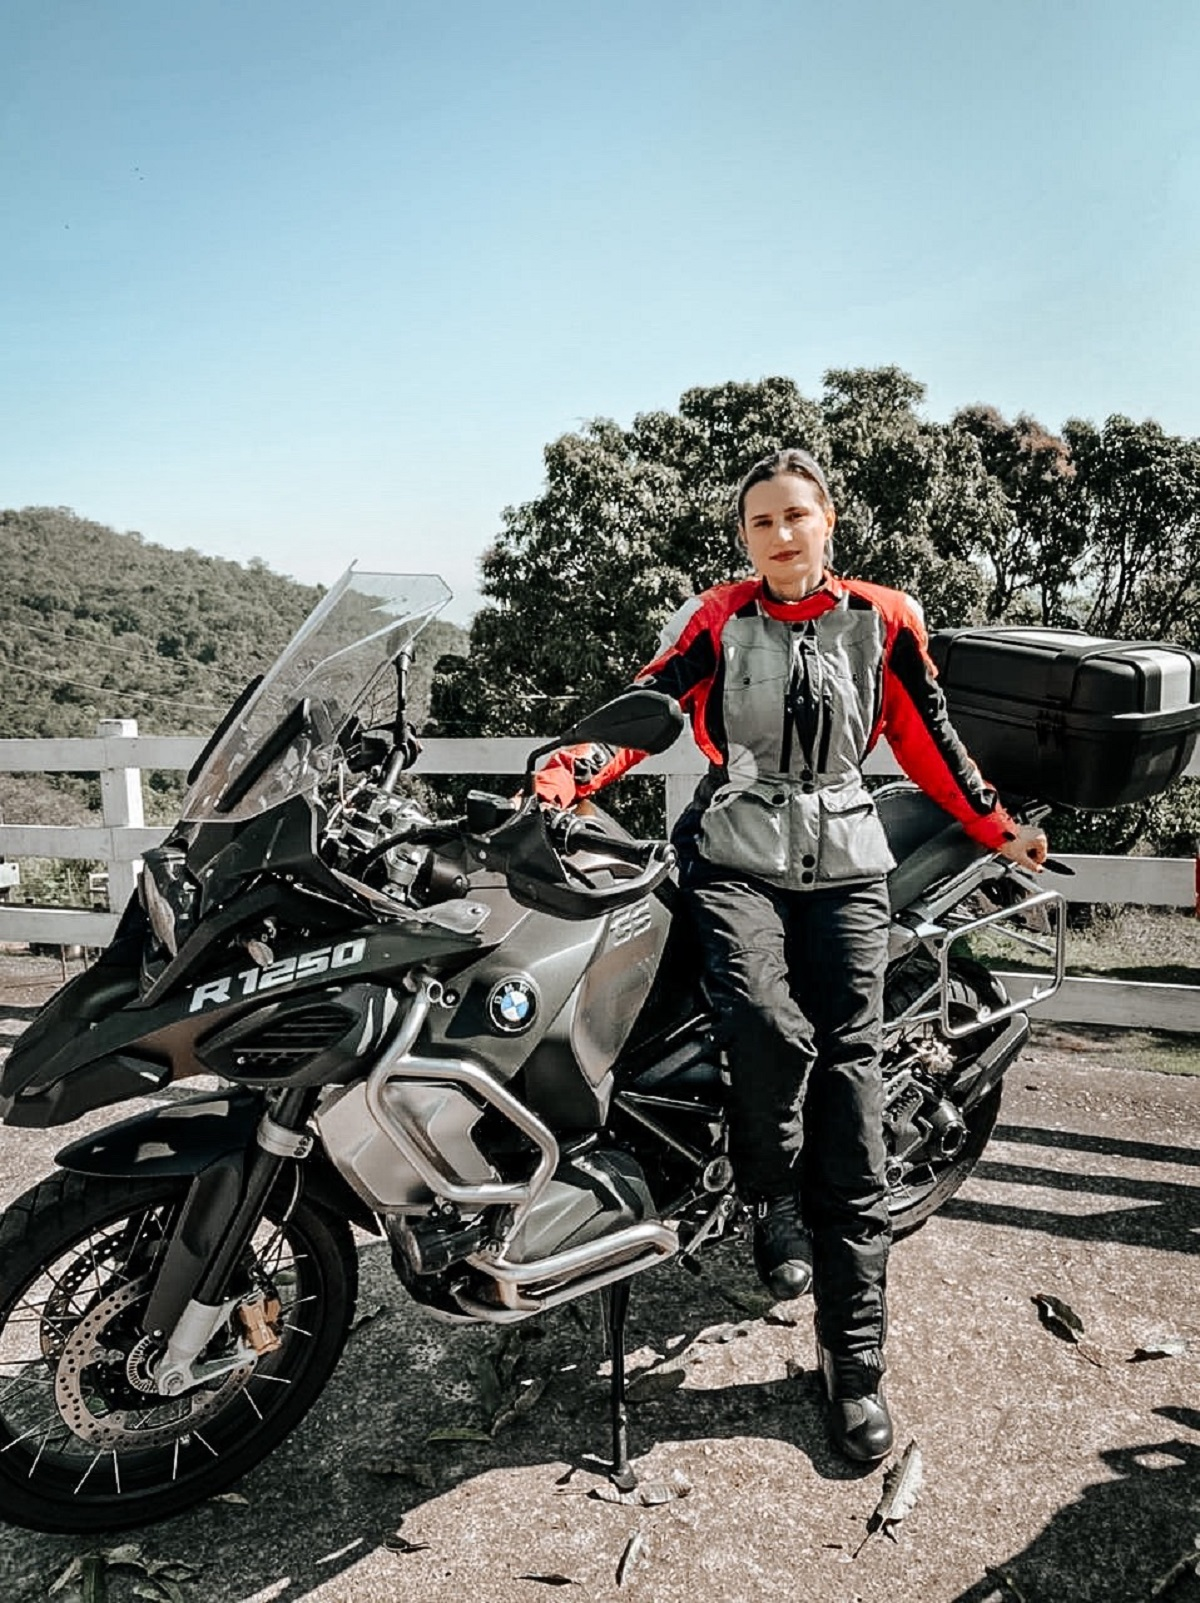 engenheira ana tavares com sua moto bmw r 1250 gs adventure